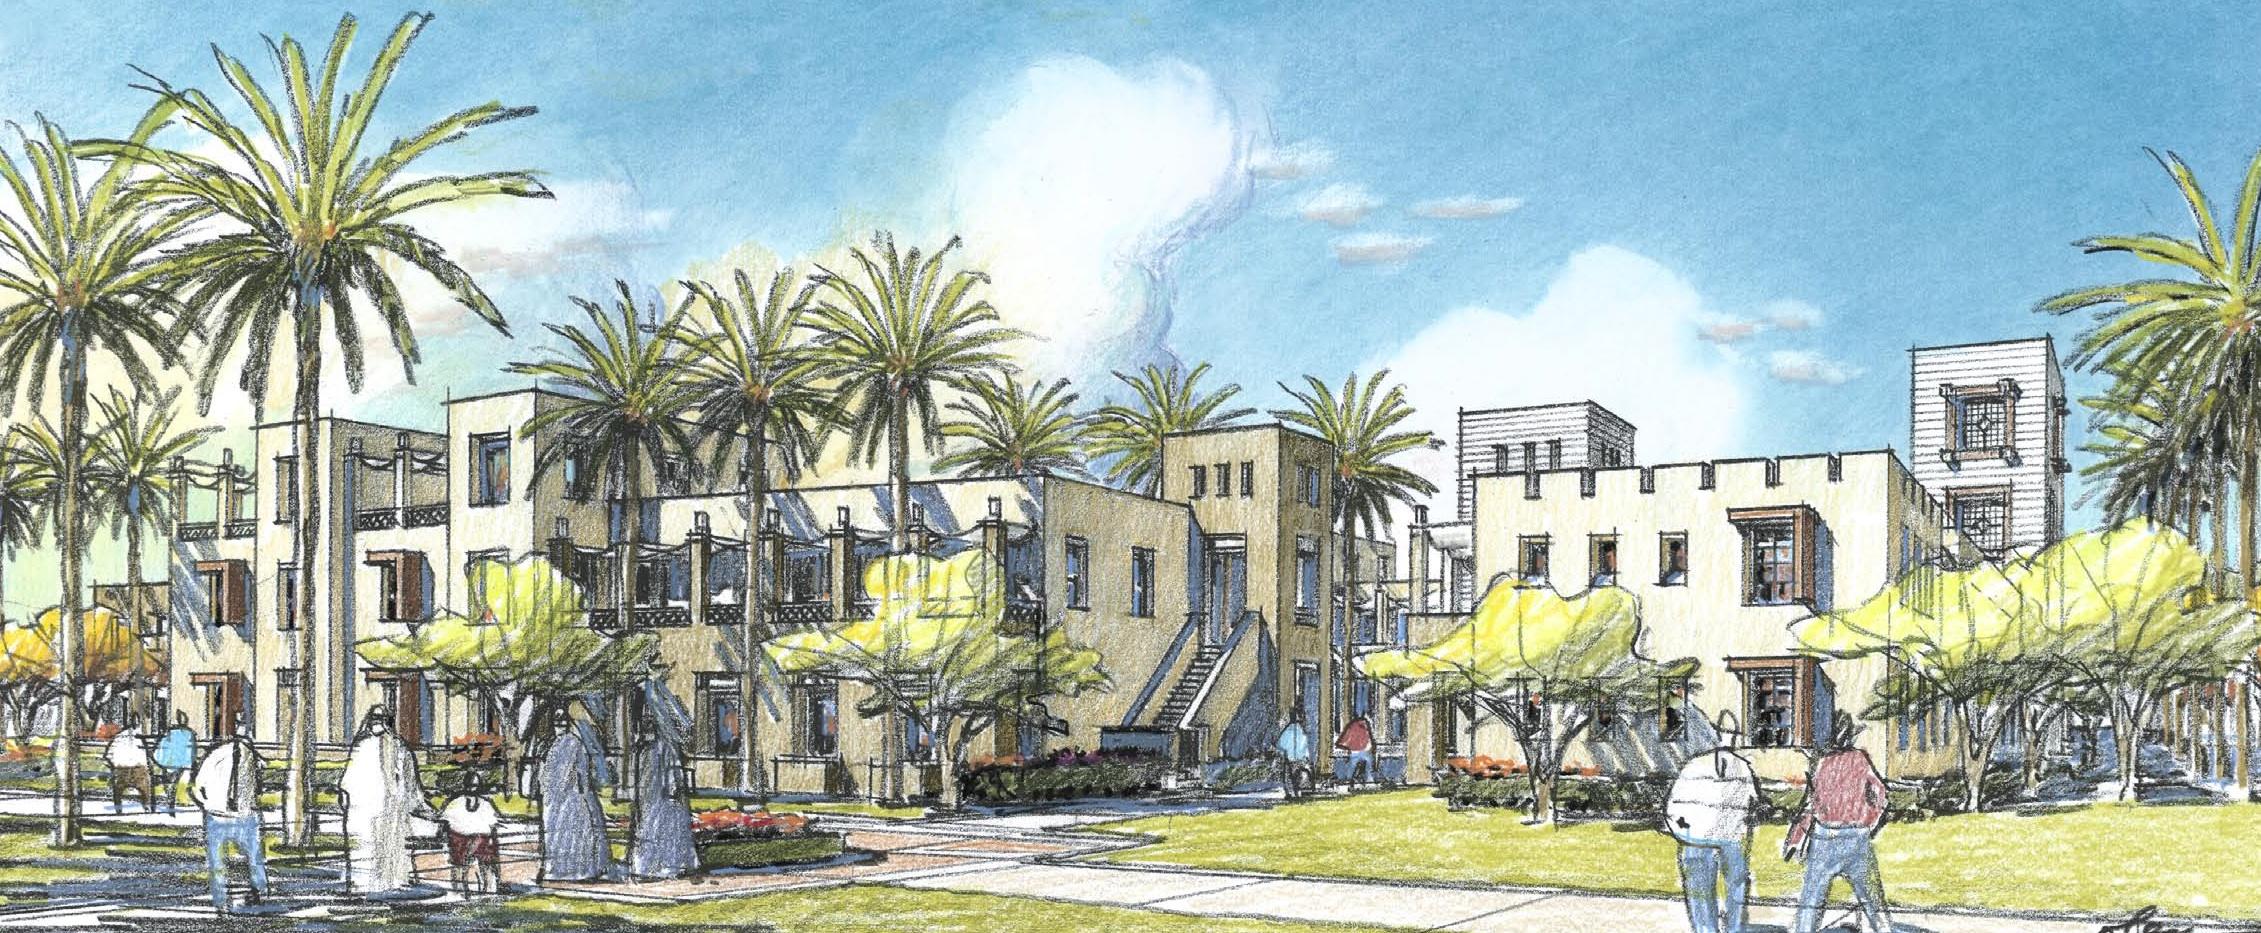 UAE-GRAD-HOUSING-2.jpg